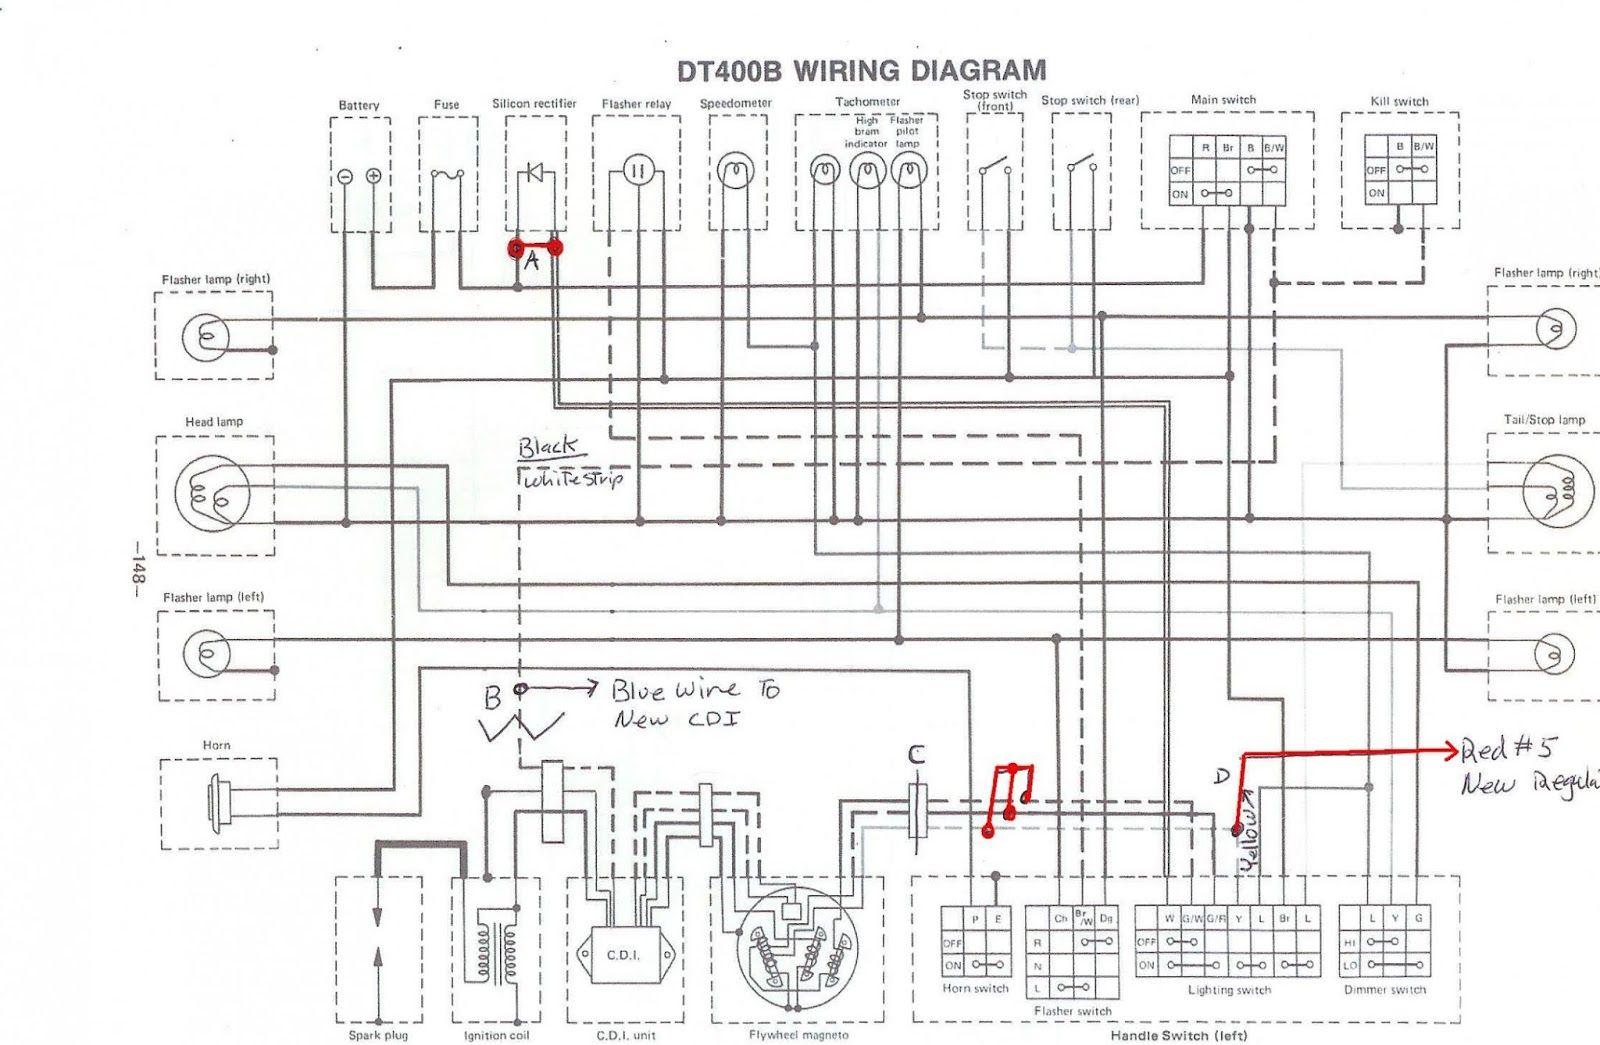 Engine Diagram Vq8de Yamaha Jeep Wrangler Engine Ford Thunderbird Diagram